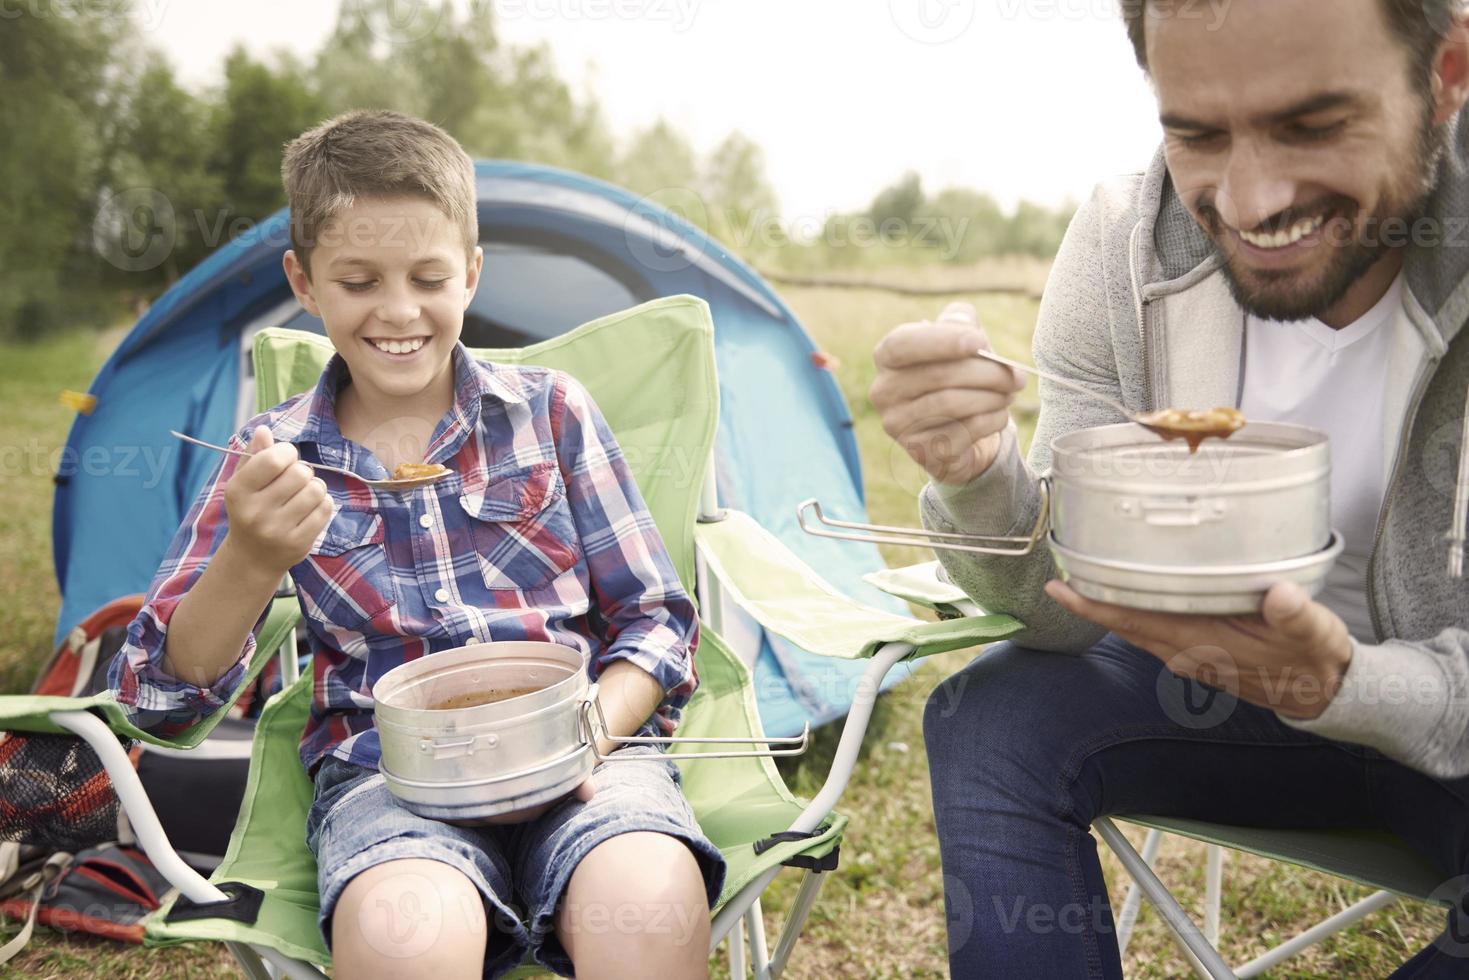 soupe chaude après une longue journée de camping photo